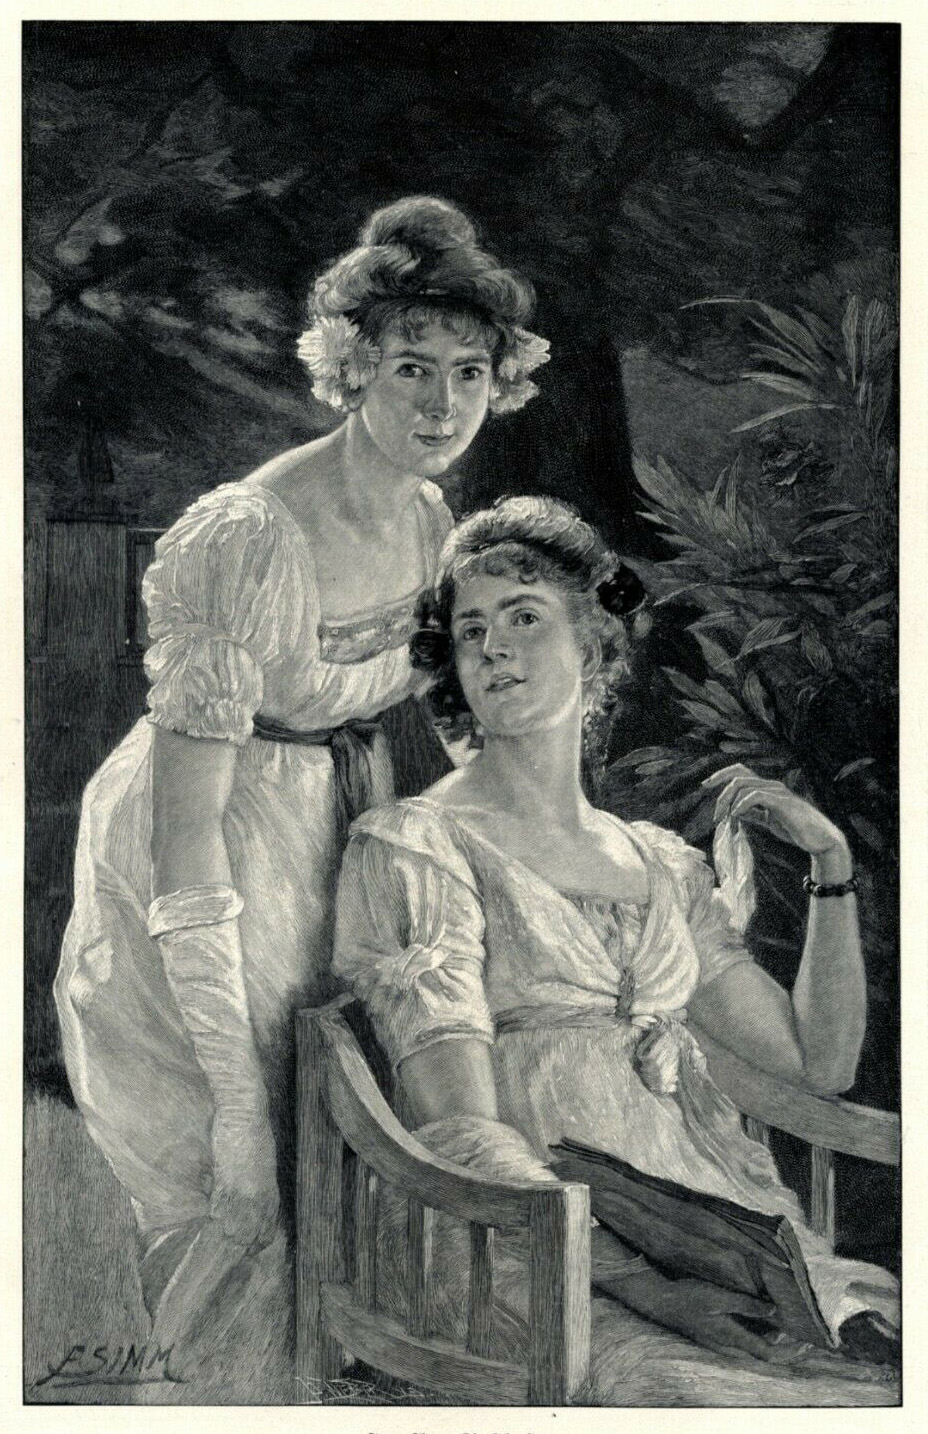 Die-Schwestern-XL-Kunstdruck-1906-von-Franz-Simm.jpg